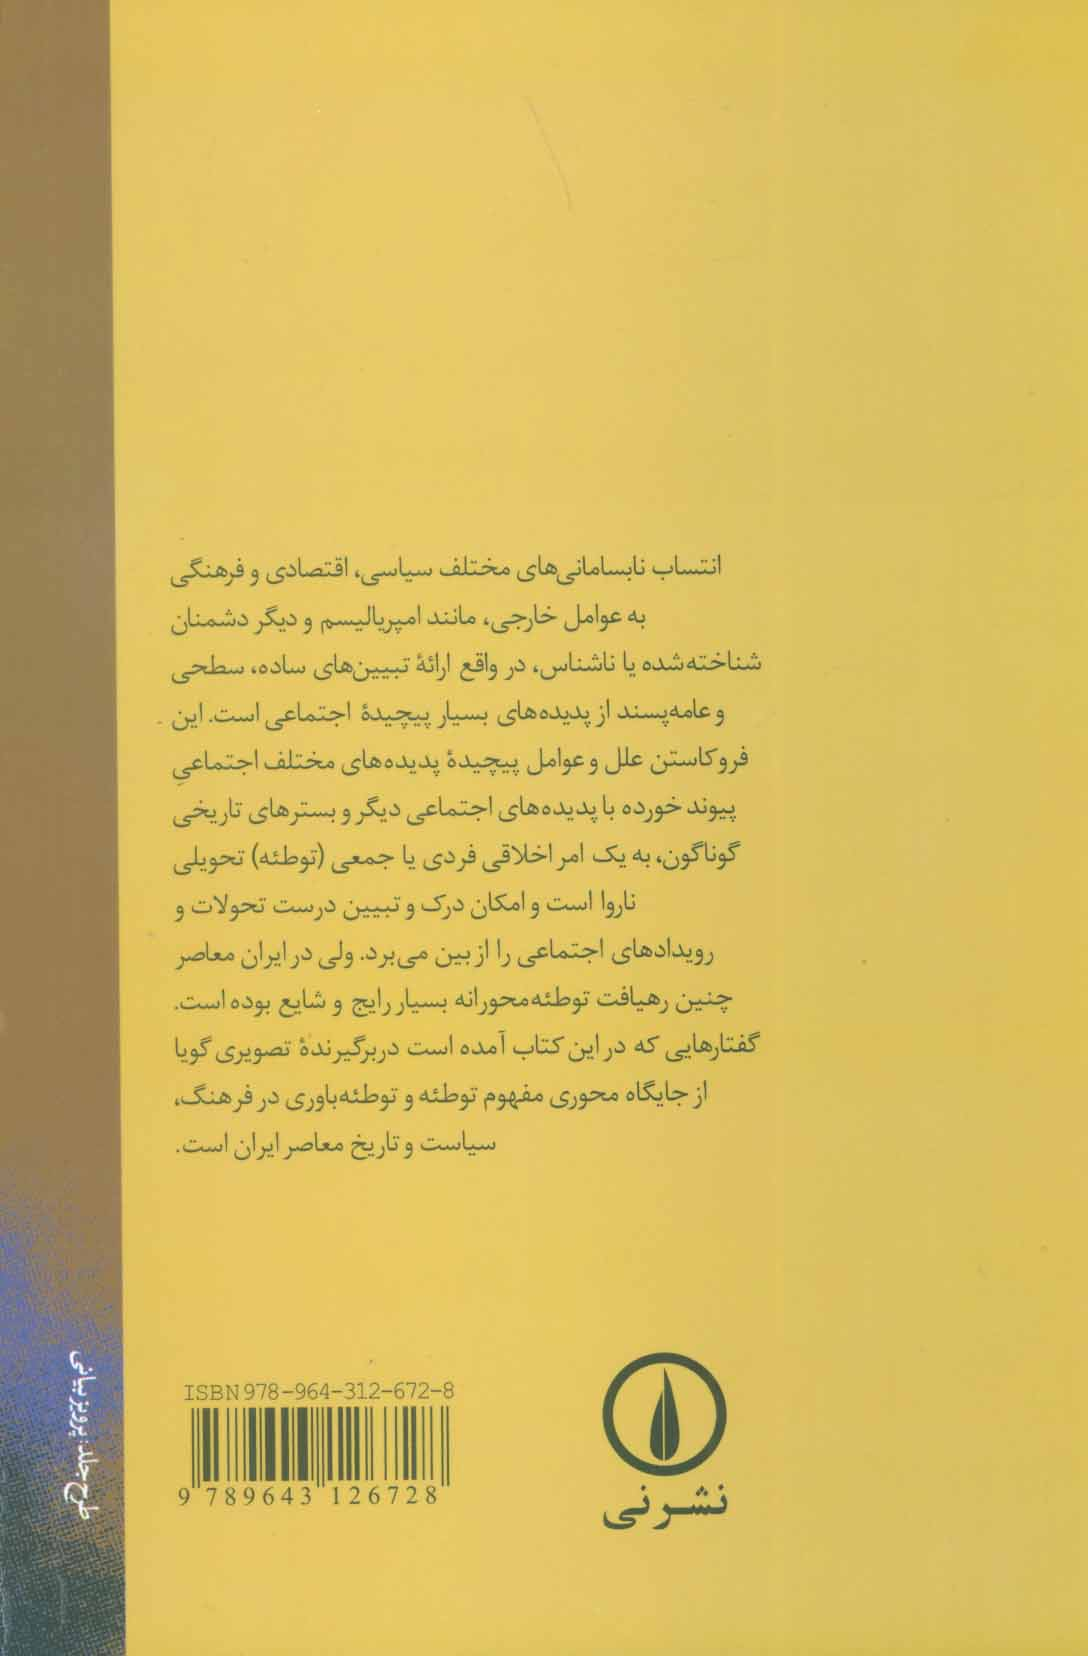 جستارهایی درباره تئوری توطئه در ایران